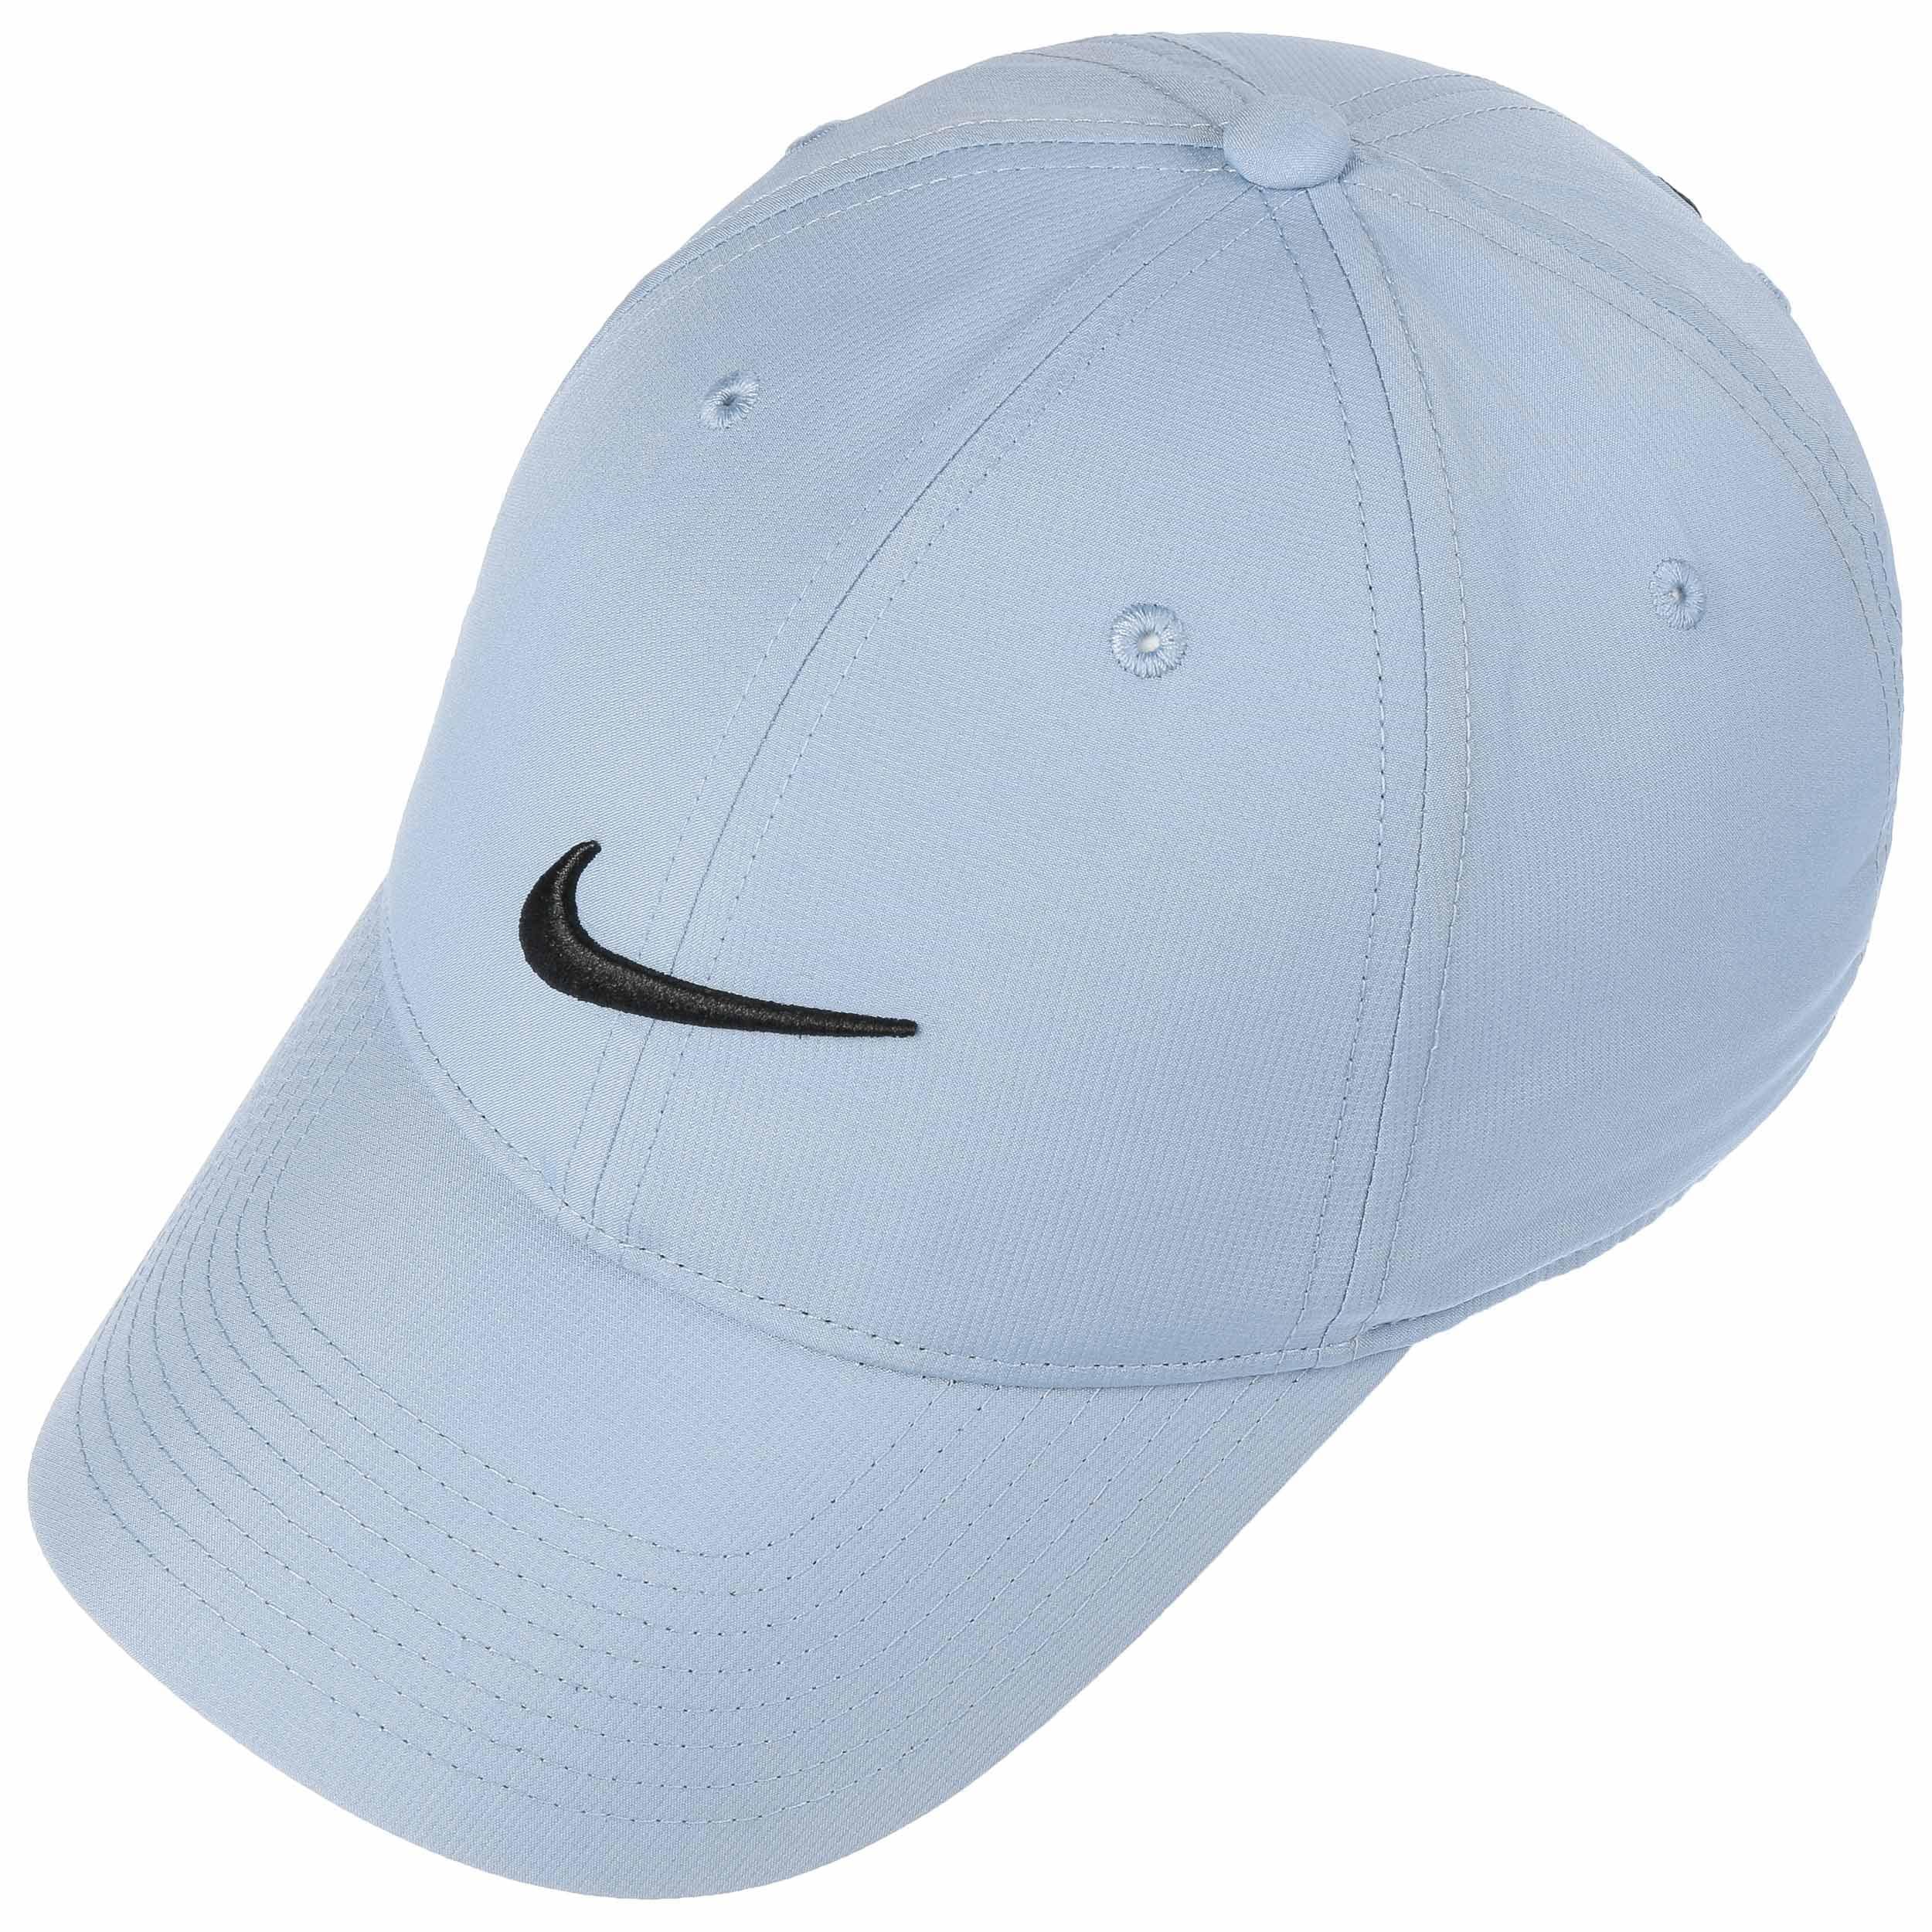 Gorra New Legacy 91 by Nike - Gorras - sombreroshop.es ed0dad7a1d1